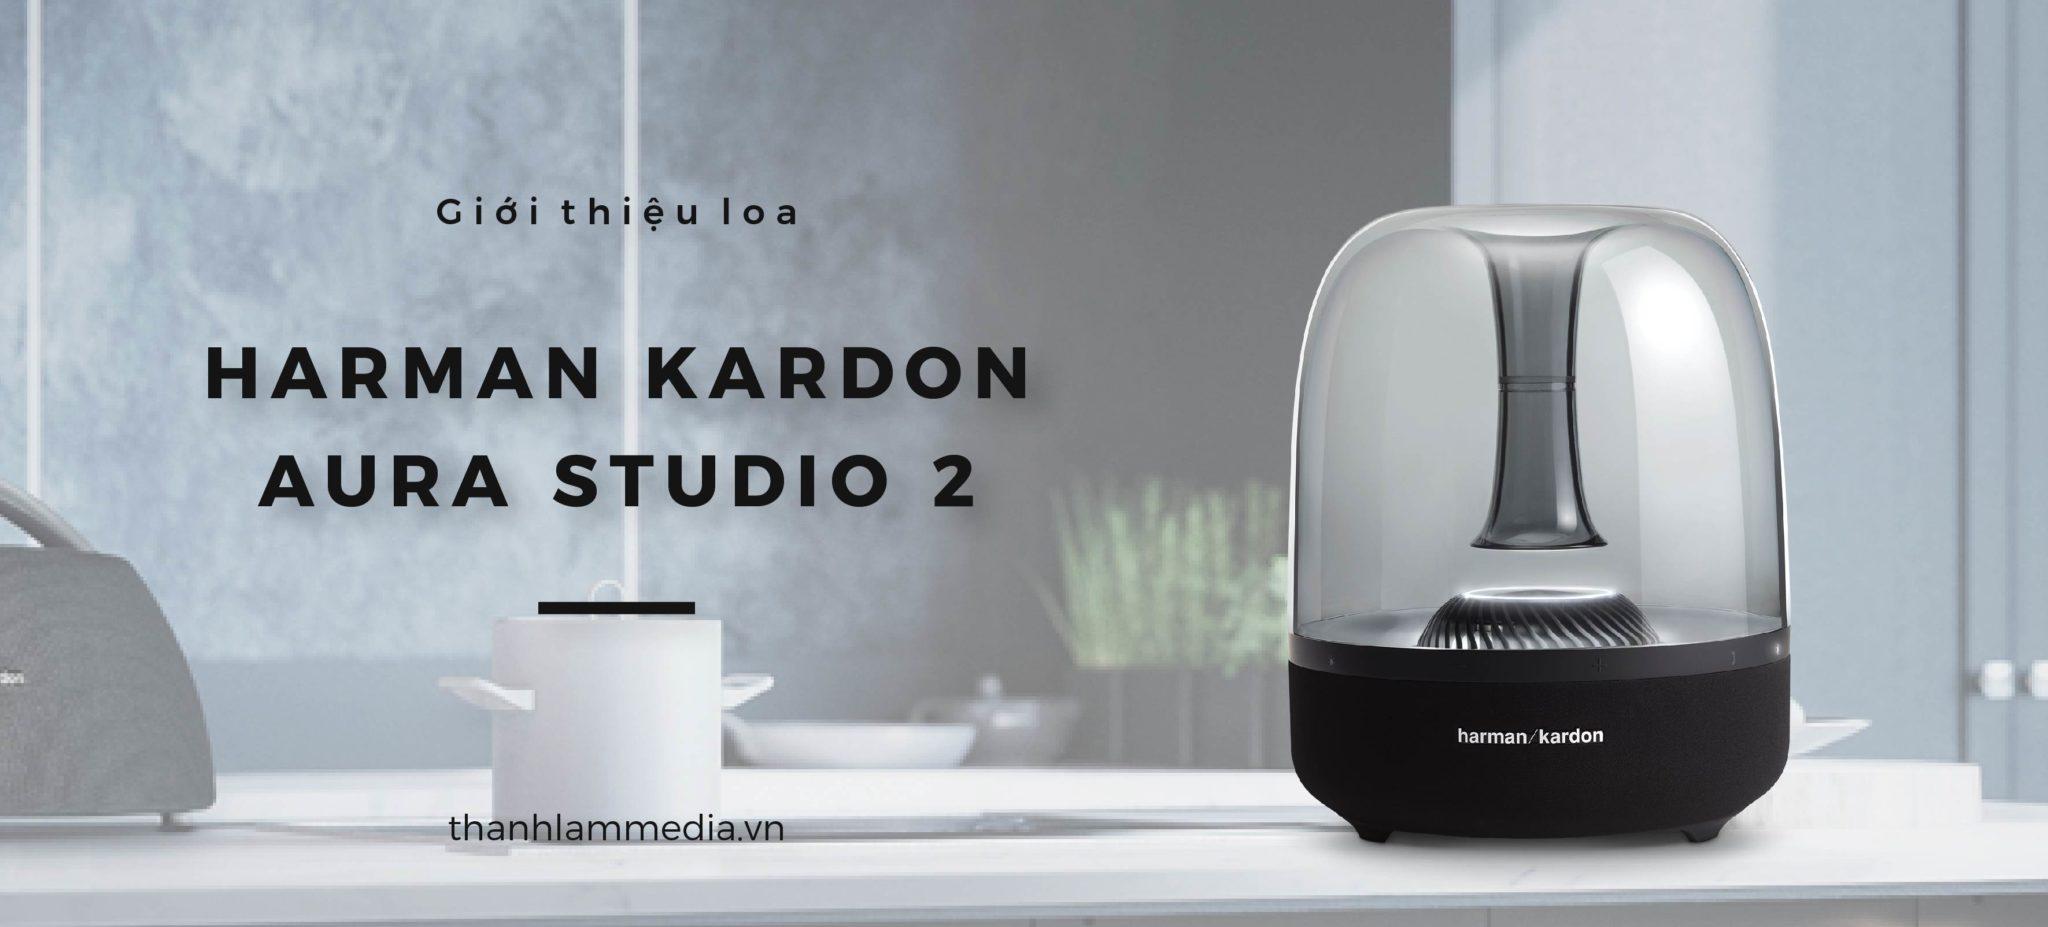 Harman Kardon Aura Studio 2: Độc đáo từ kiểu dáng đến chất âm 1